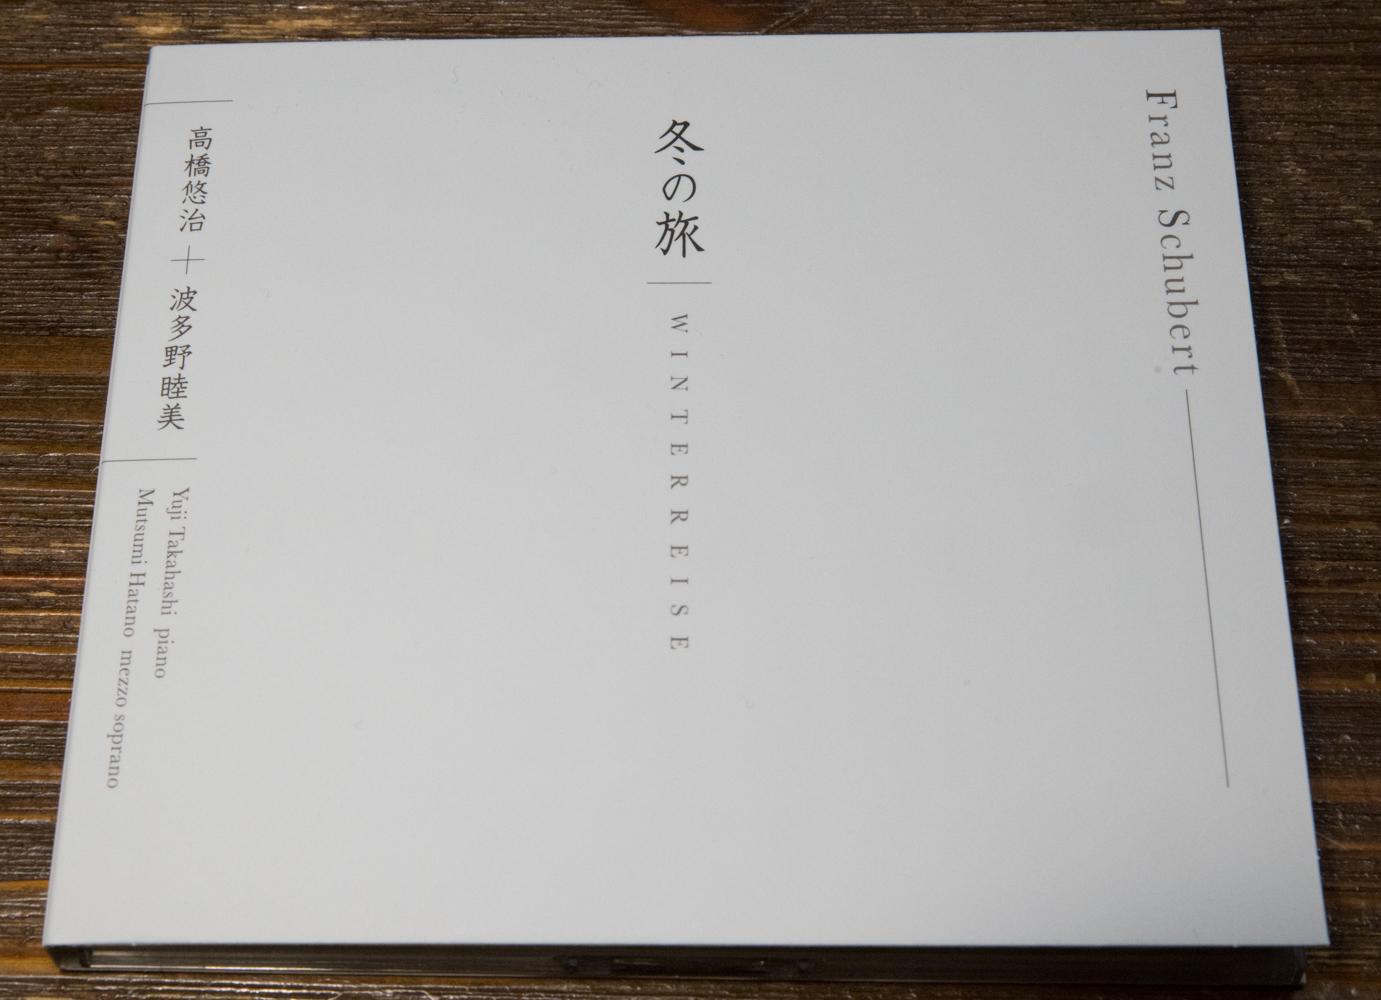 波多野睦美+高橋悠治の「冬の旅」